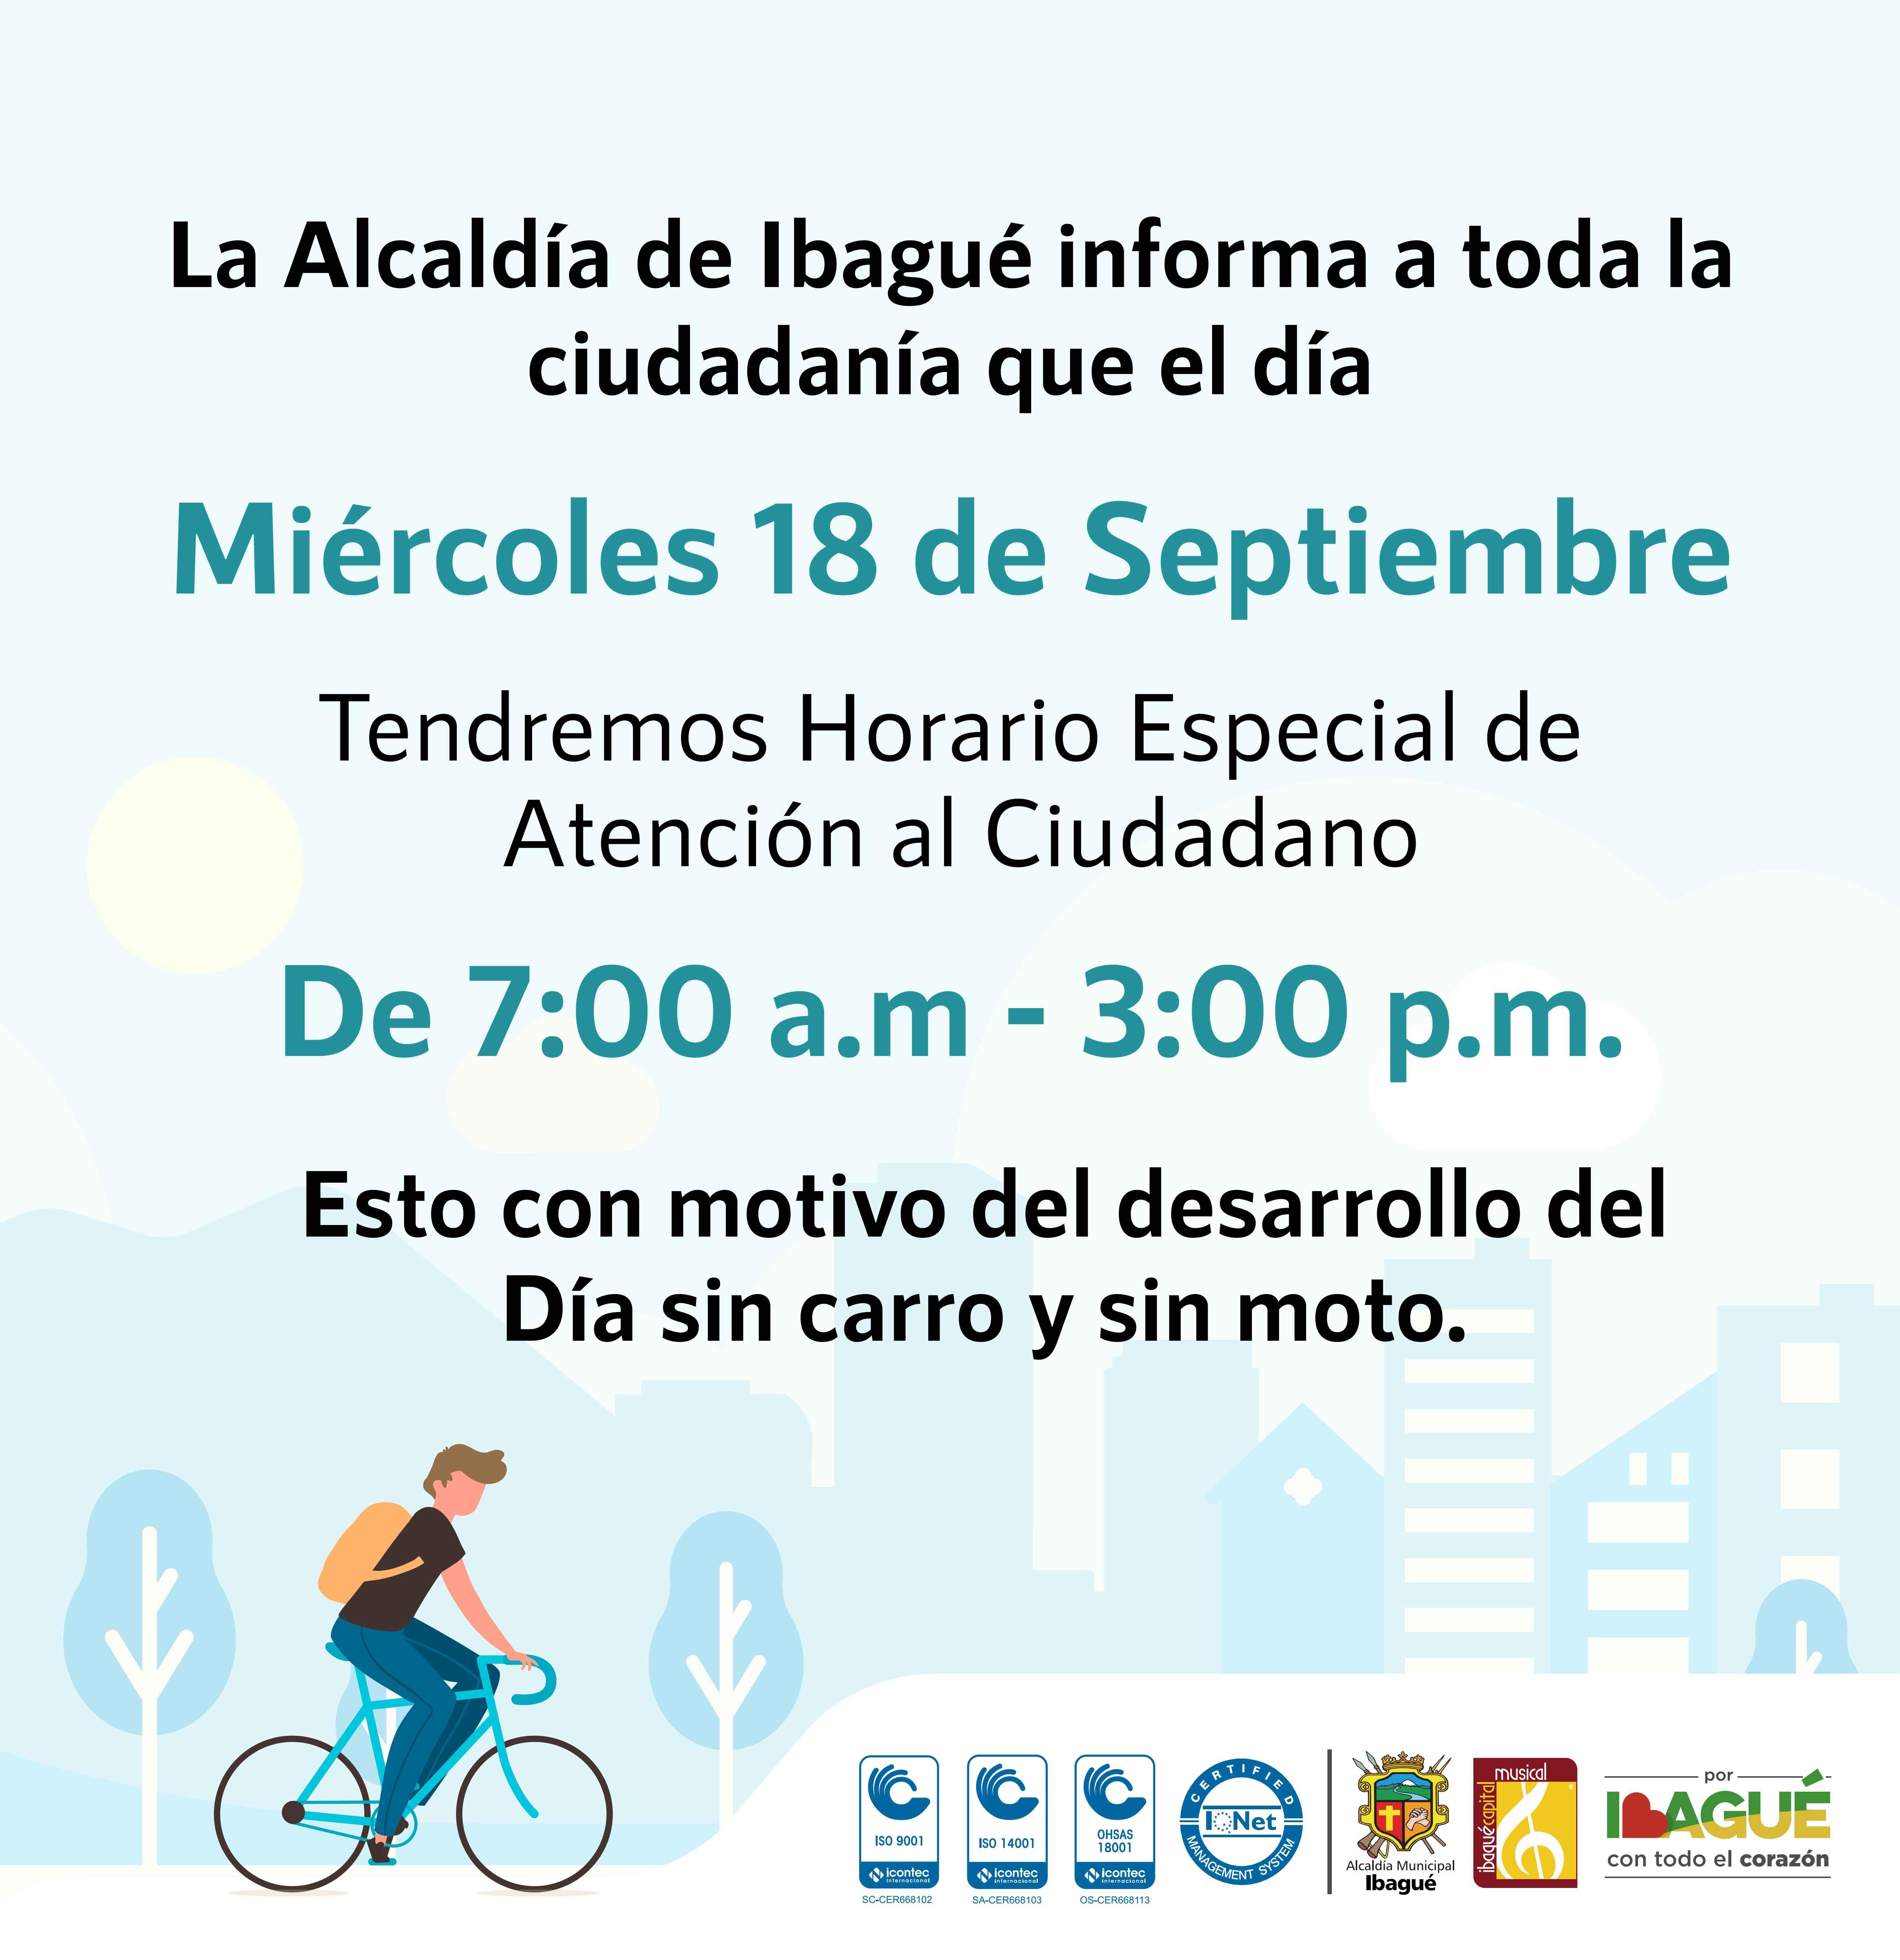 Este miércoles la Alcaldía de Ibagué atenderá en horario especial